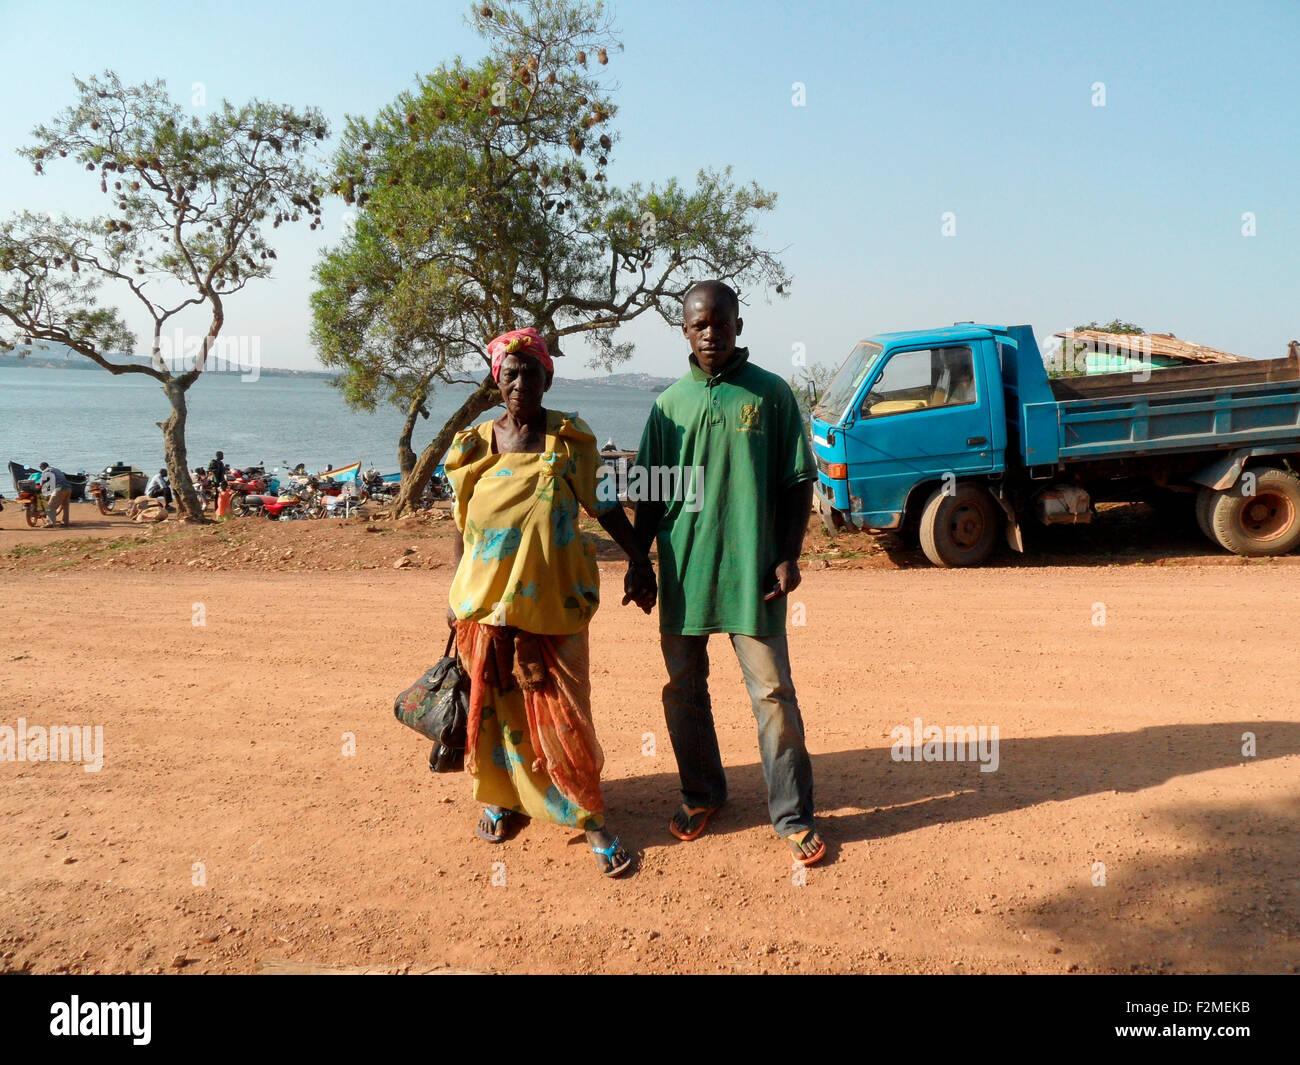 Personen, Uganda. Imagen De Stock